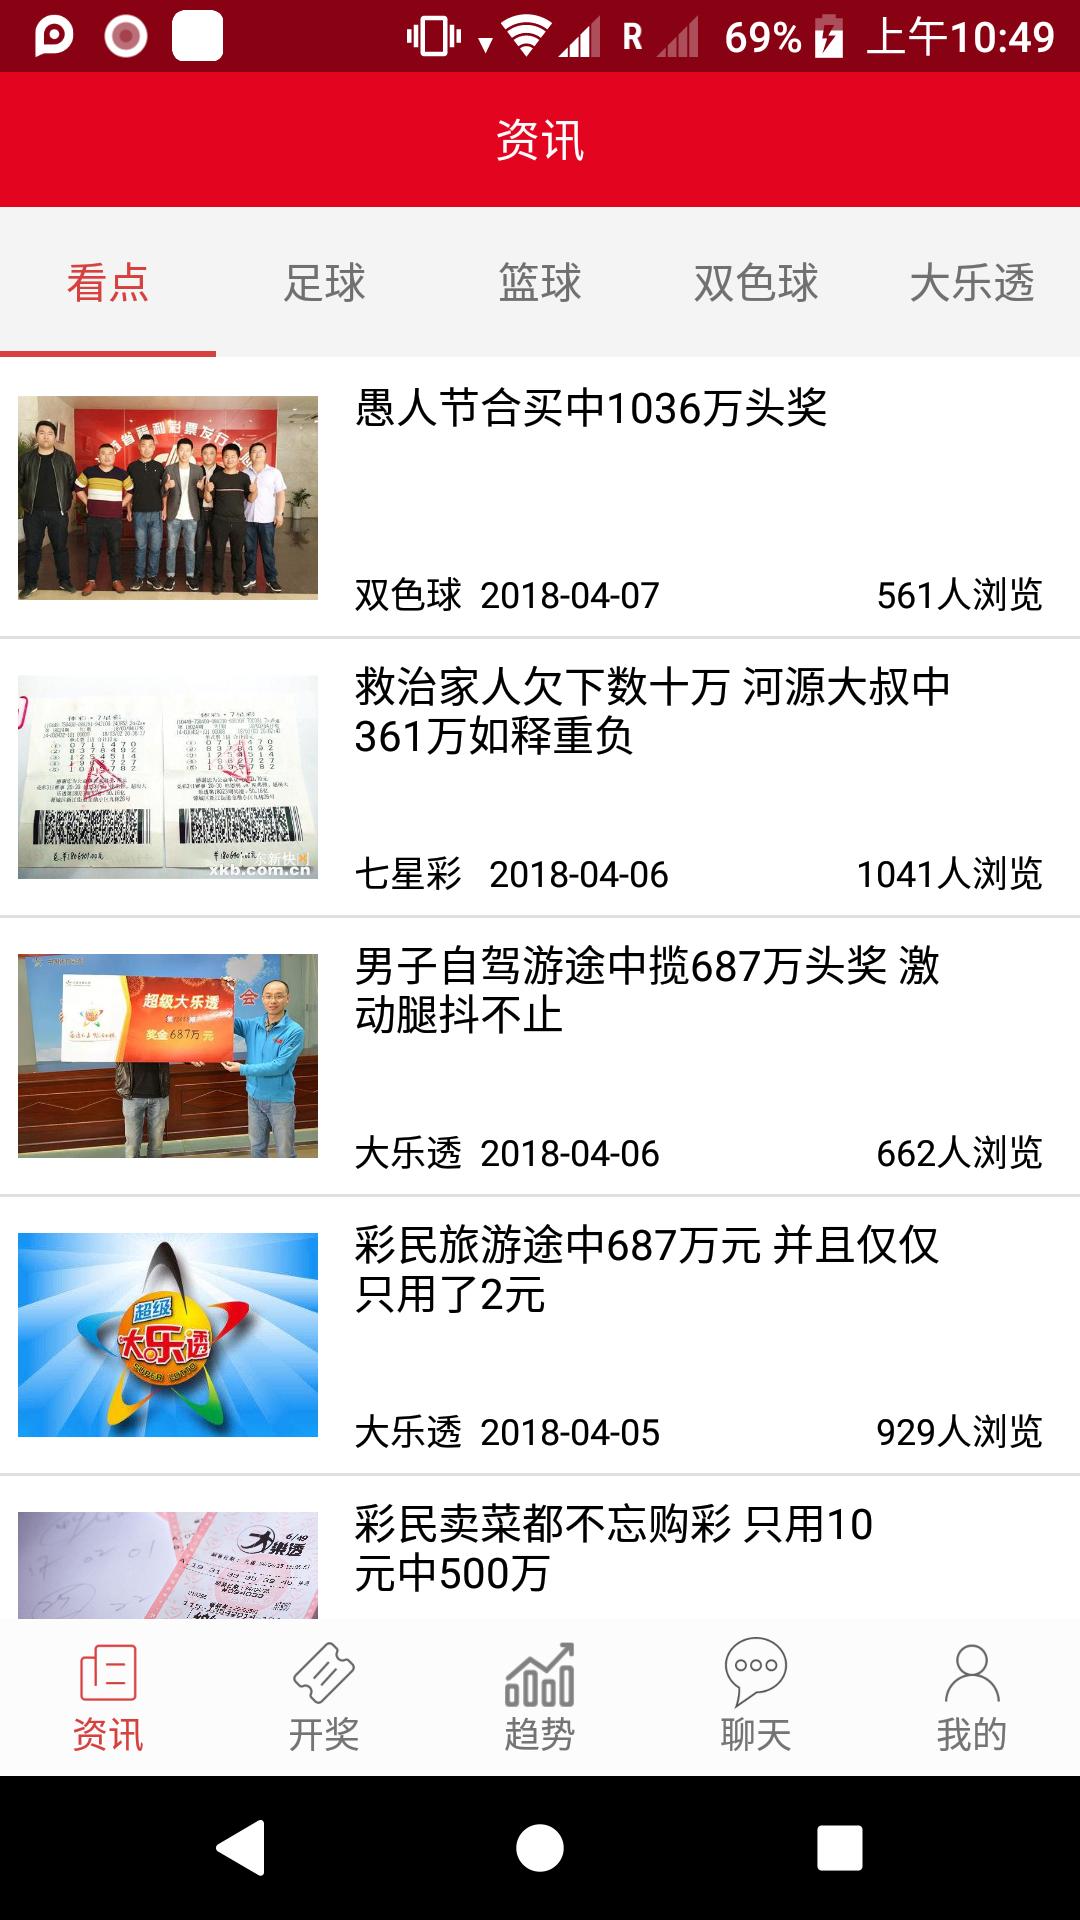 重庆时时彩专业版截图(1)